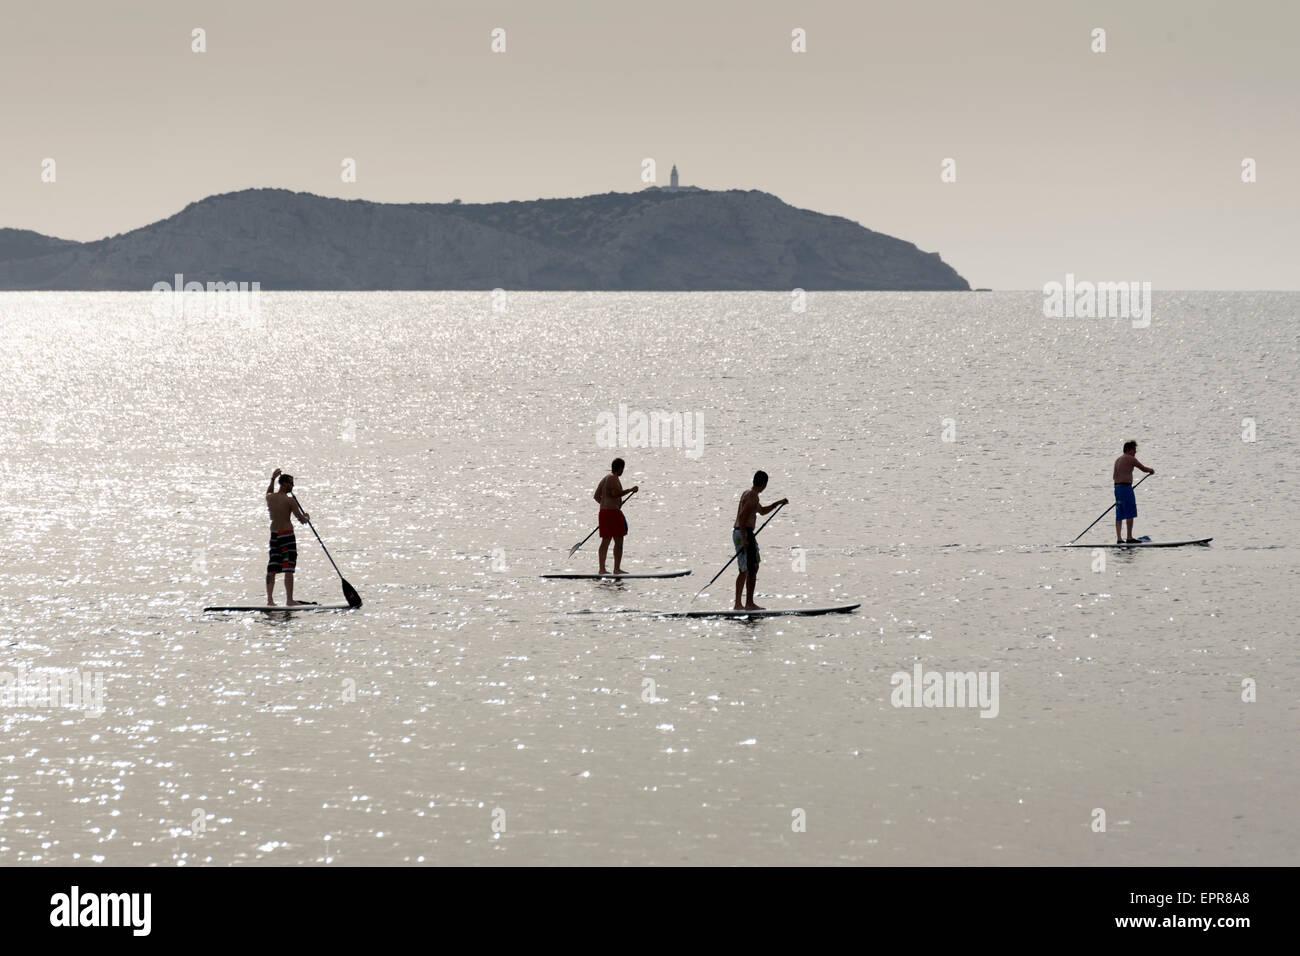 Sagome di Stand Up Paddle surfisti (paddle boarders) al tramonto. Costa di Ibiza Immagini Stock